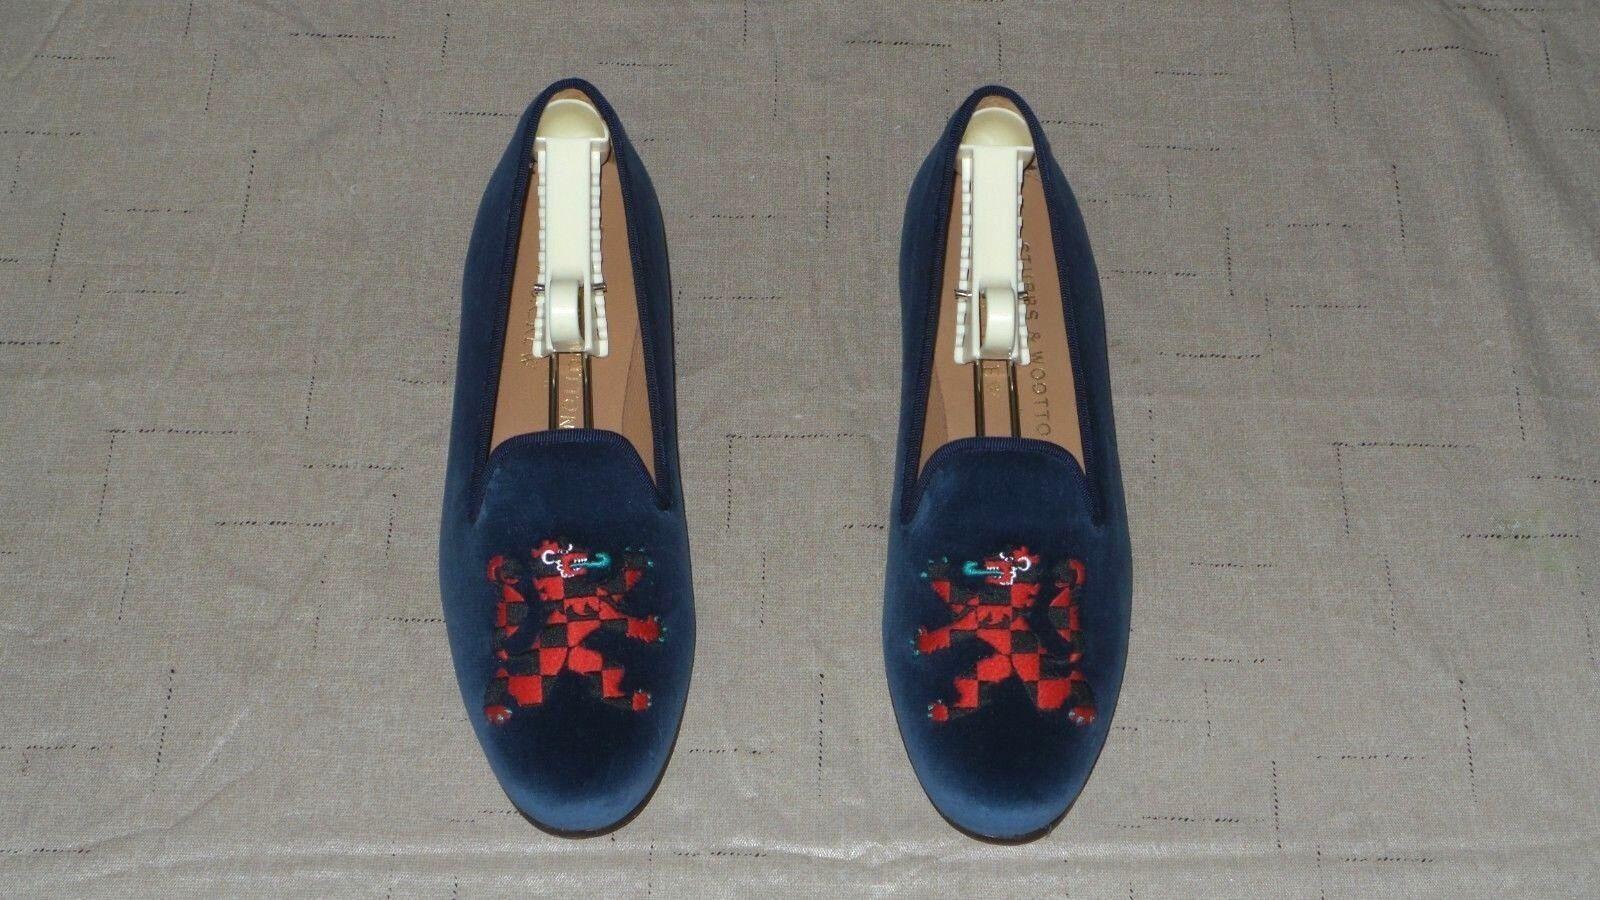 Tan lindo    Mujer  450 Stubbs and wootton Velvet  Dragón  Zapatillas Mocasines Zapatos  venta con alto descuento